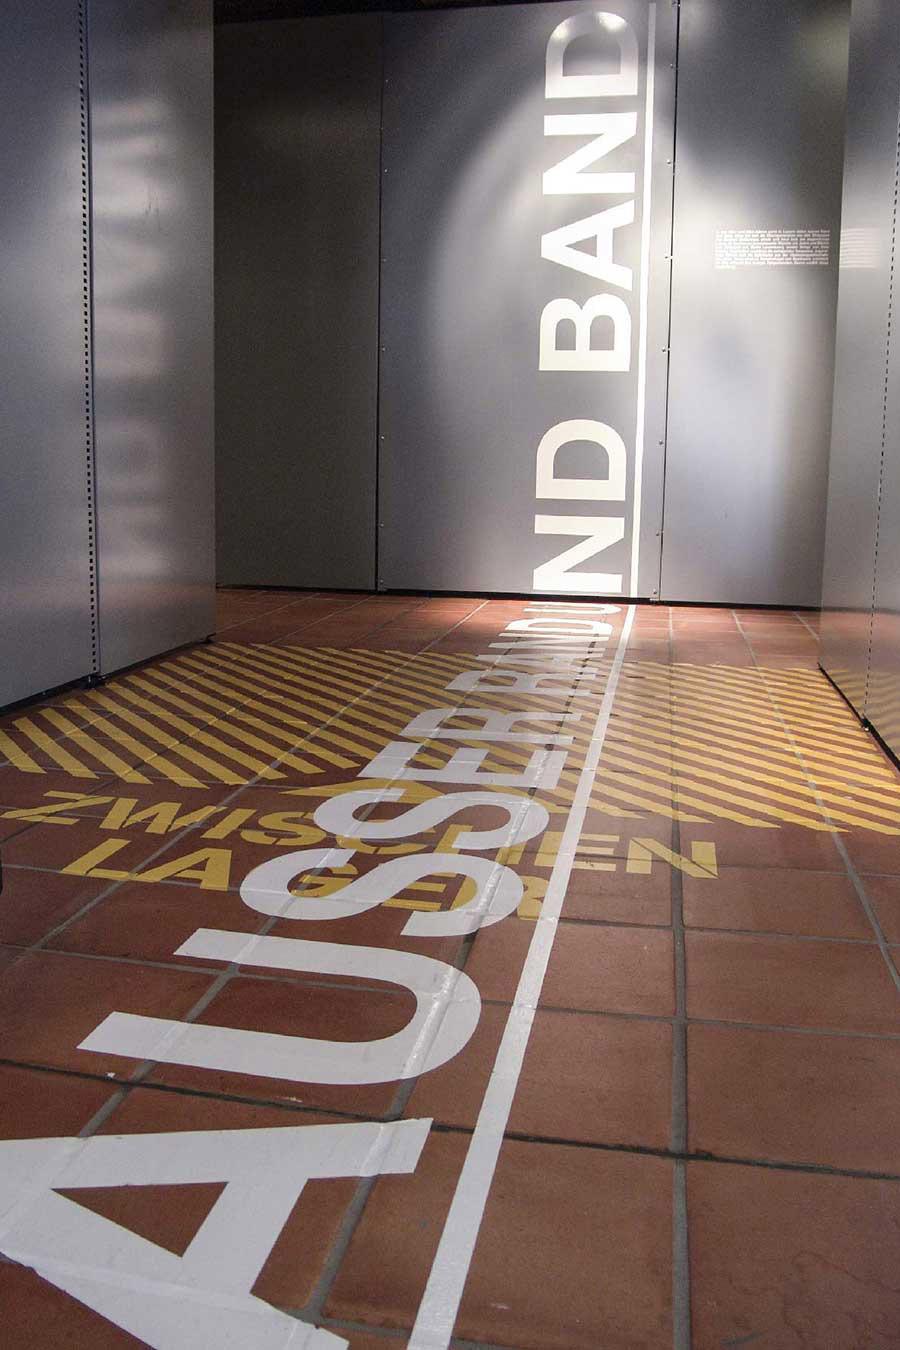 Historisches Museum Szenografie Ausstellung Ausser Rand und Band